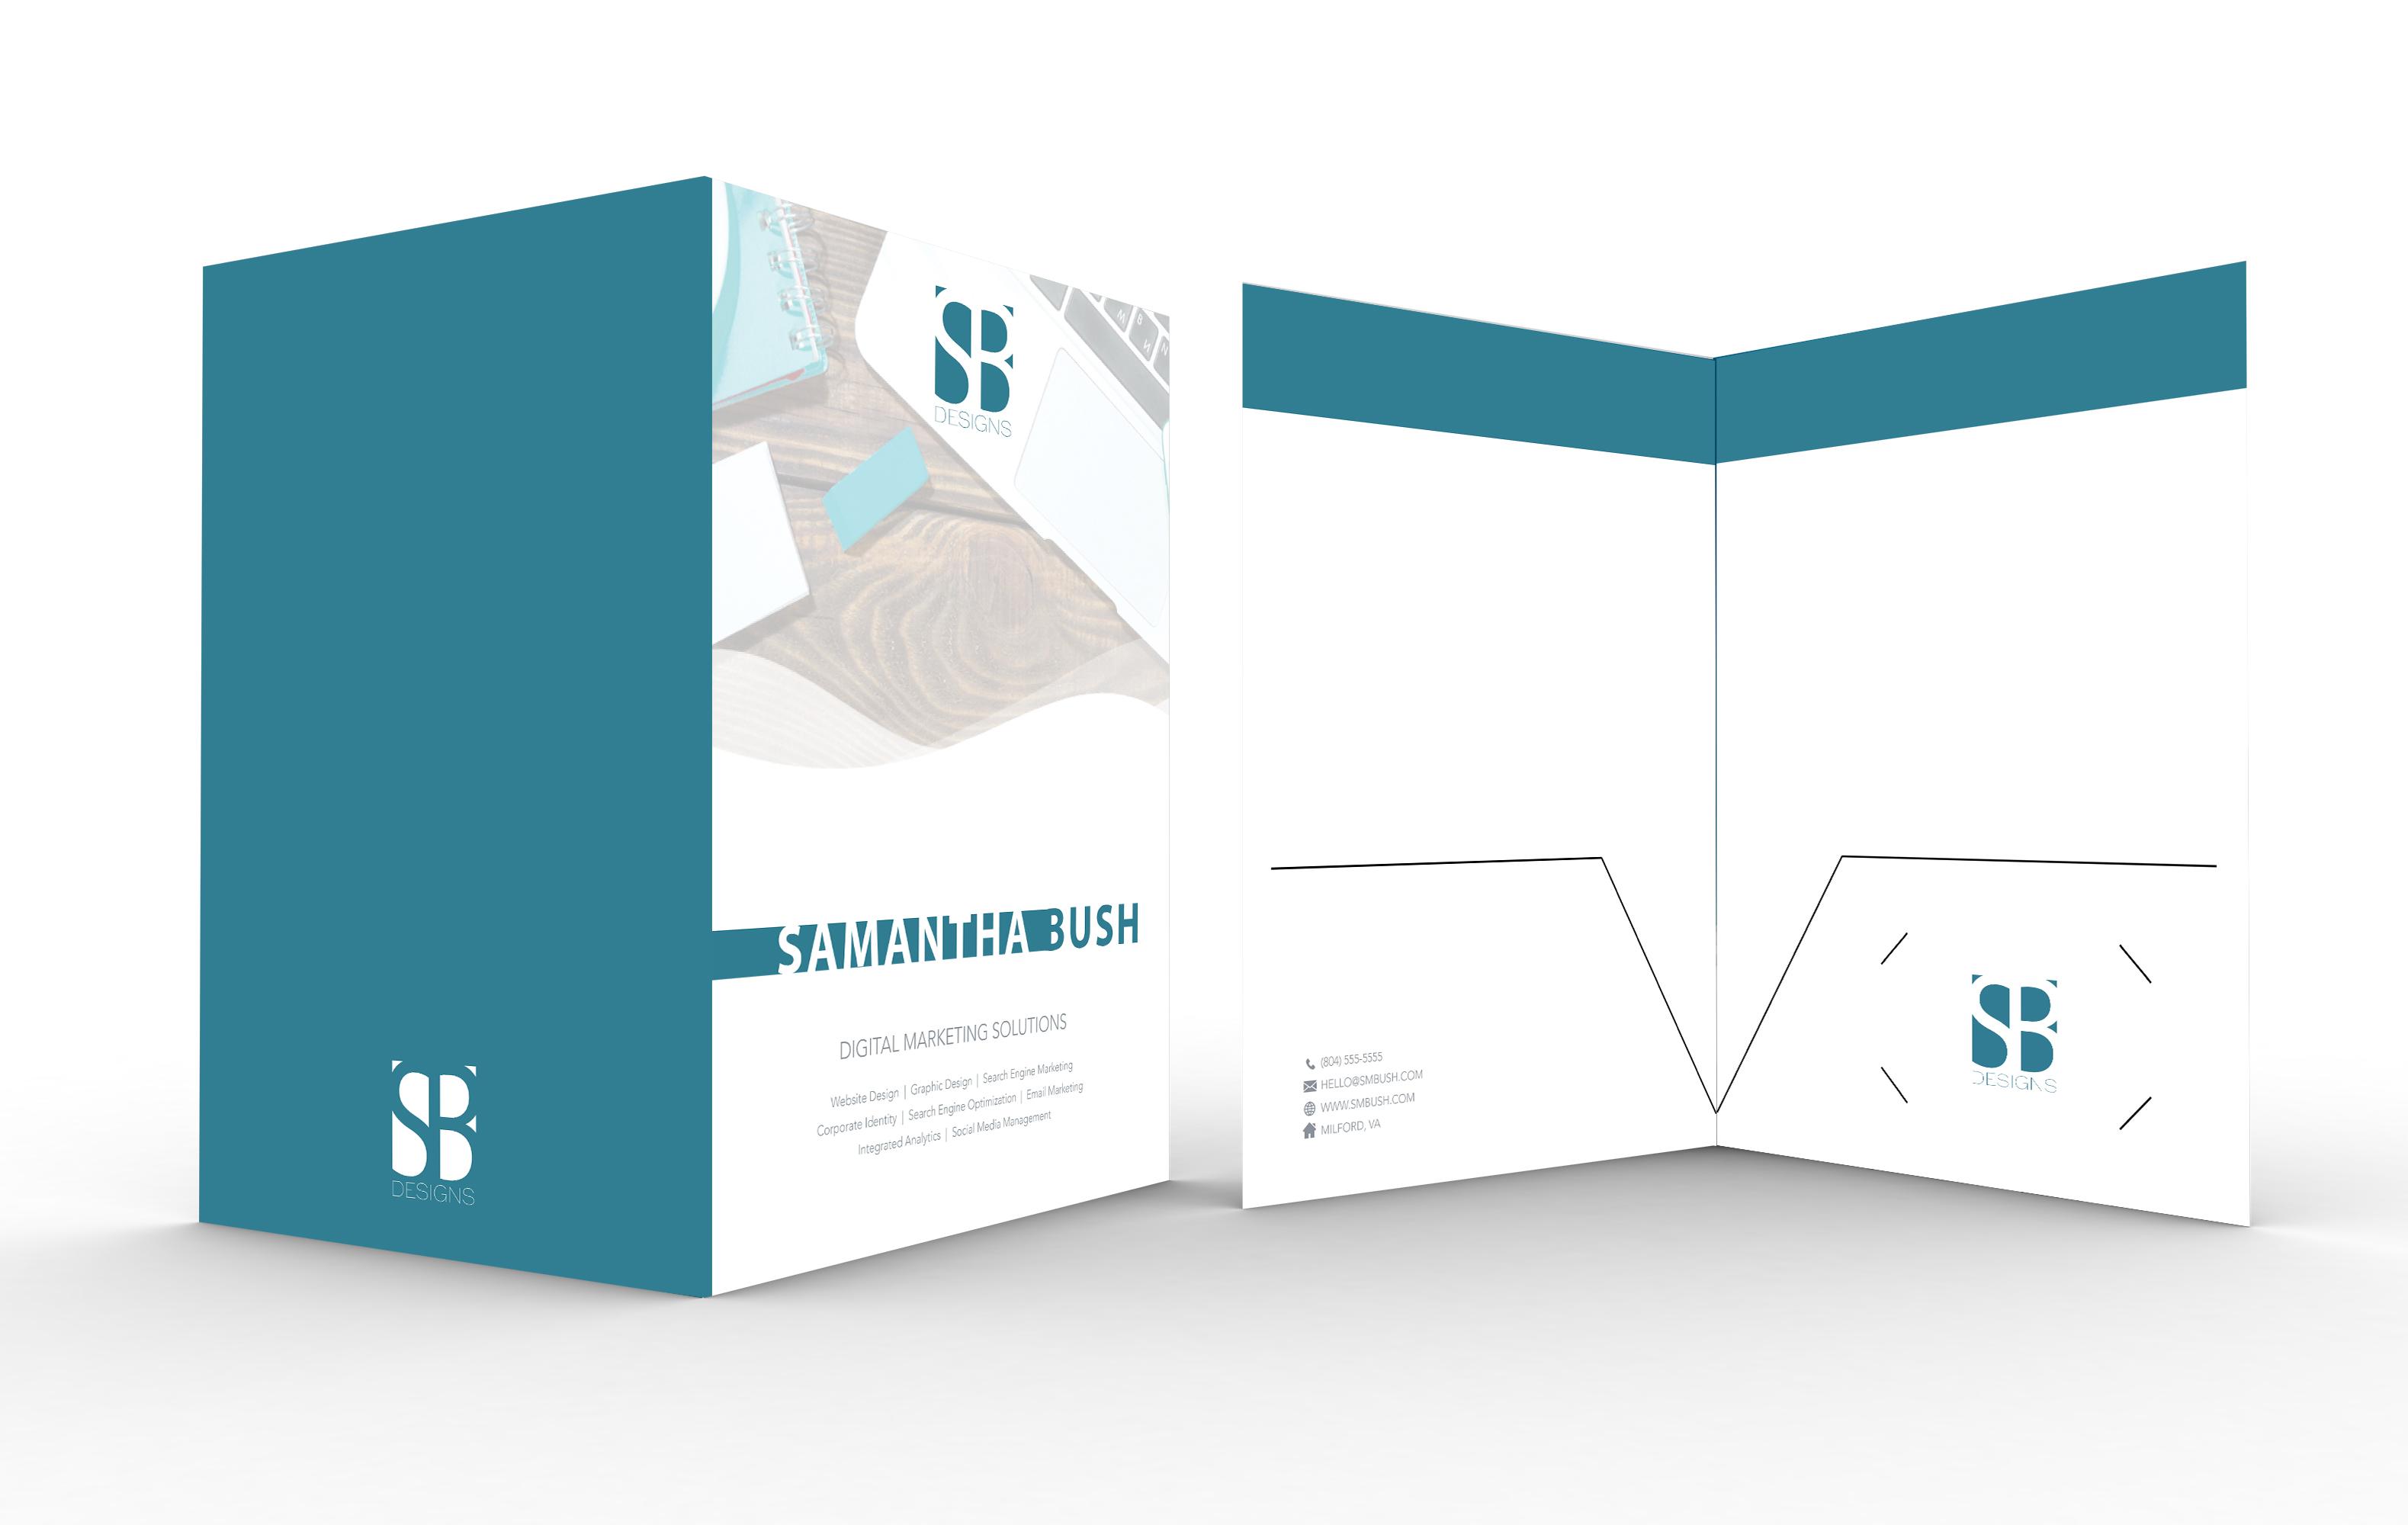 SB Designs Leave Behind Folder